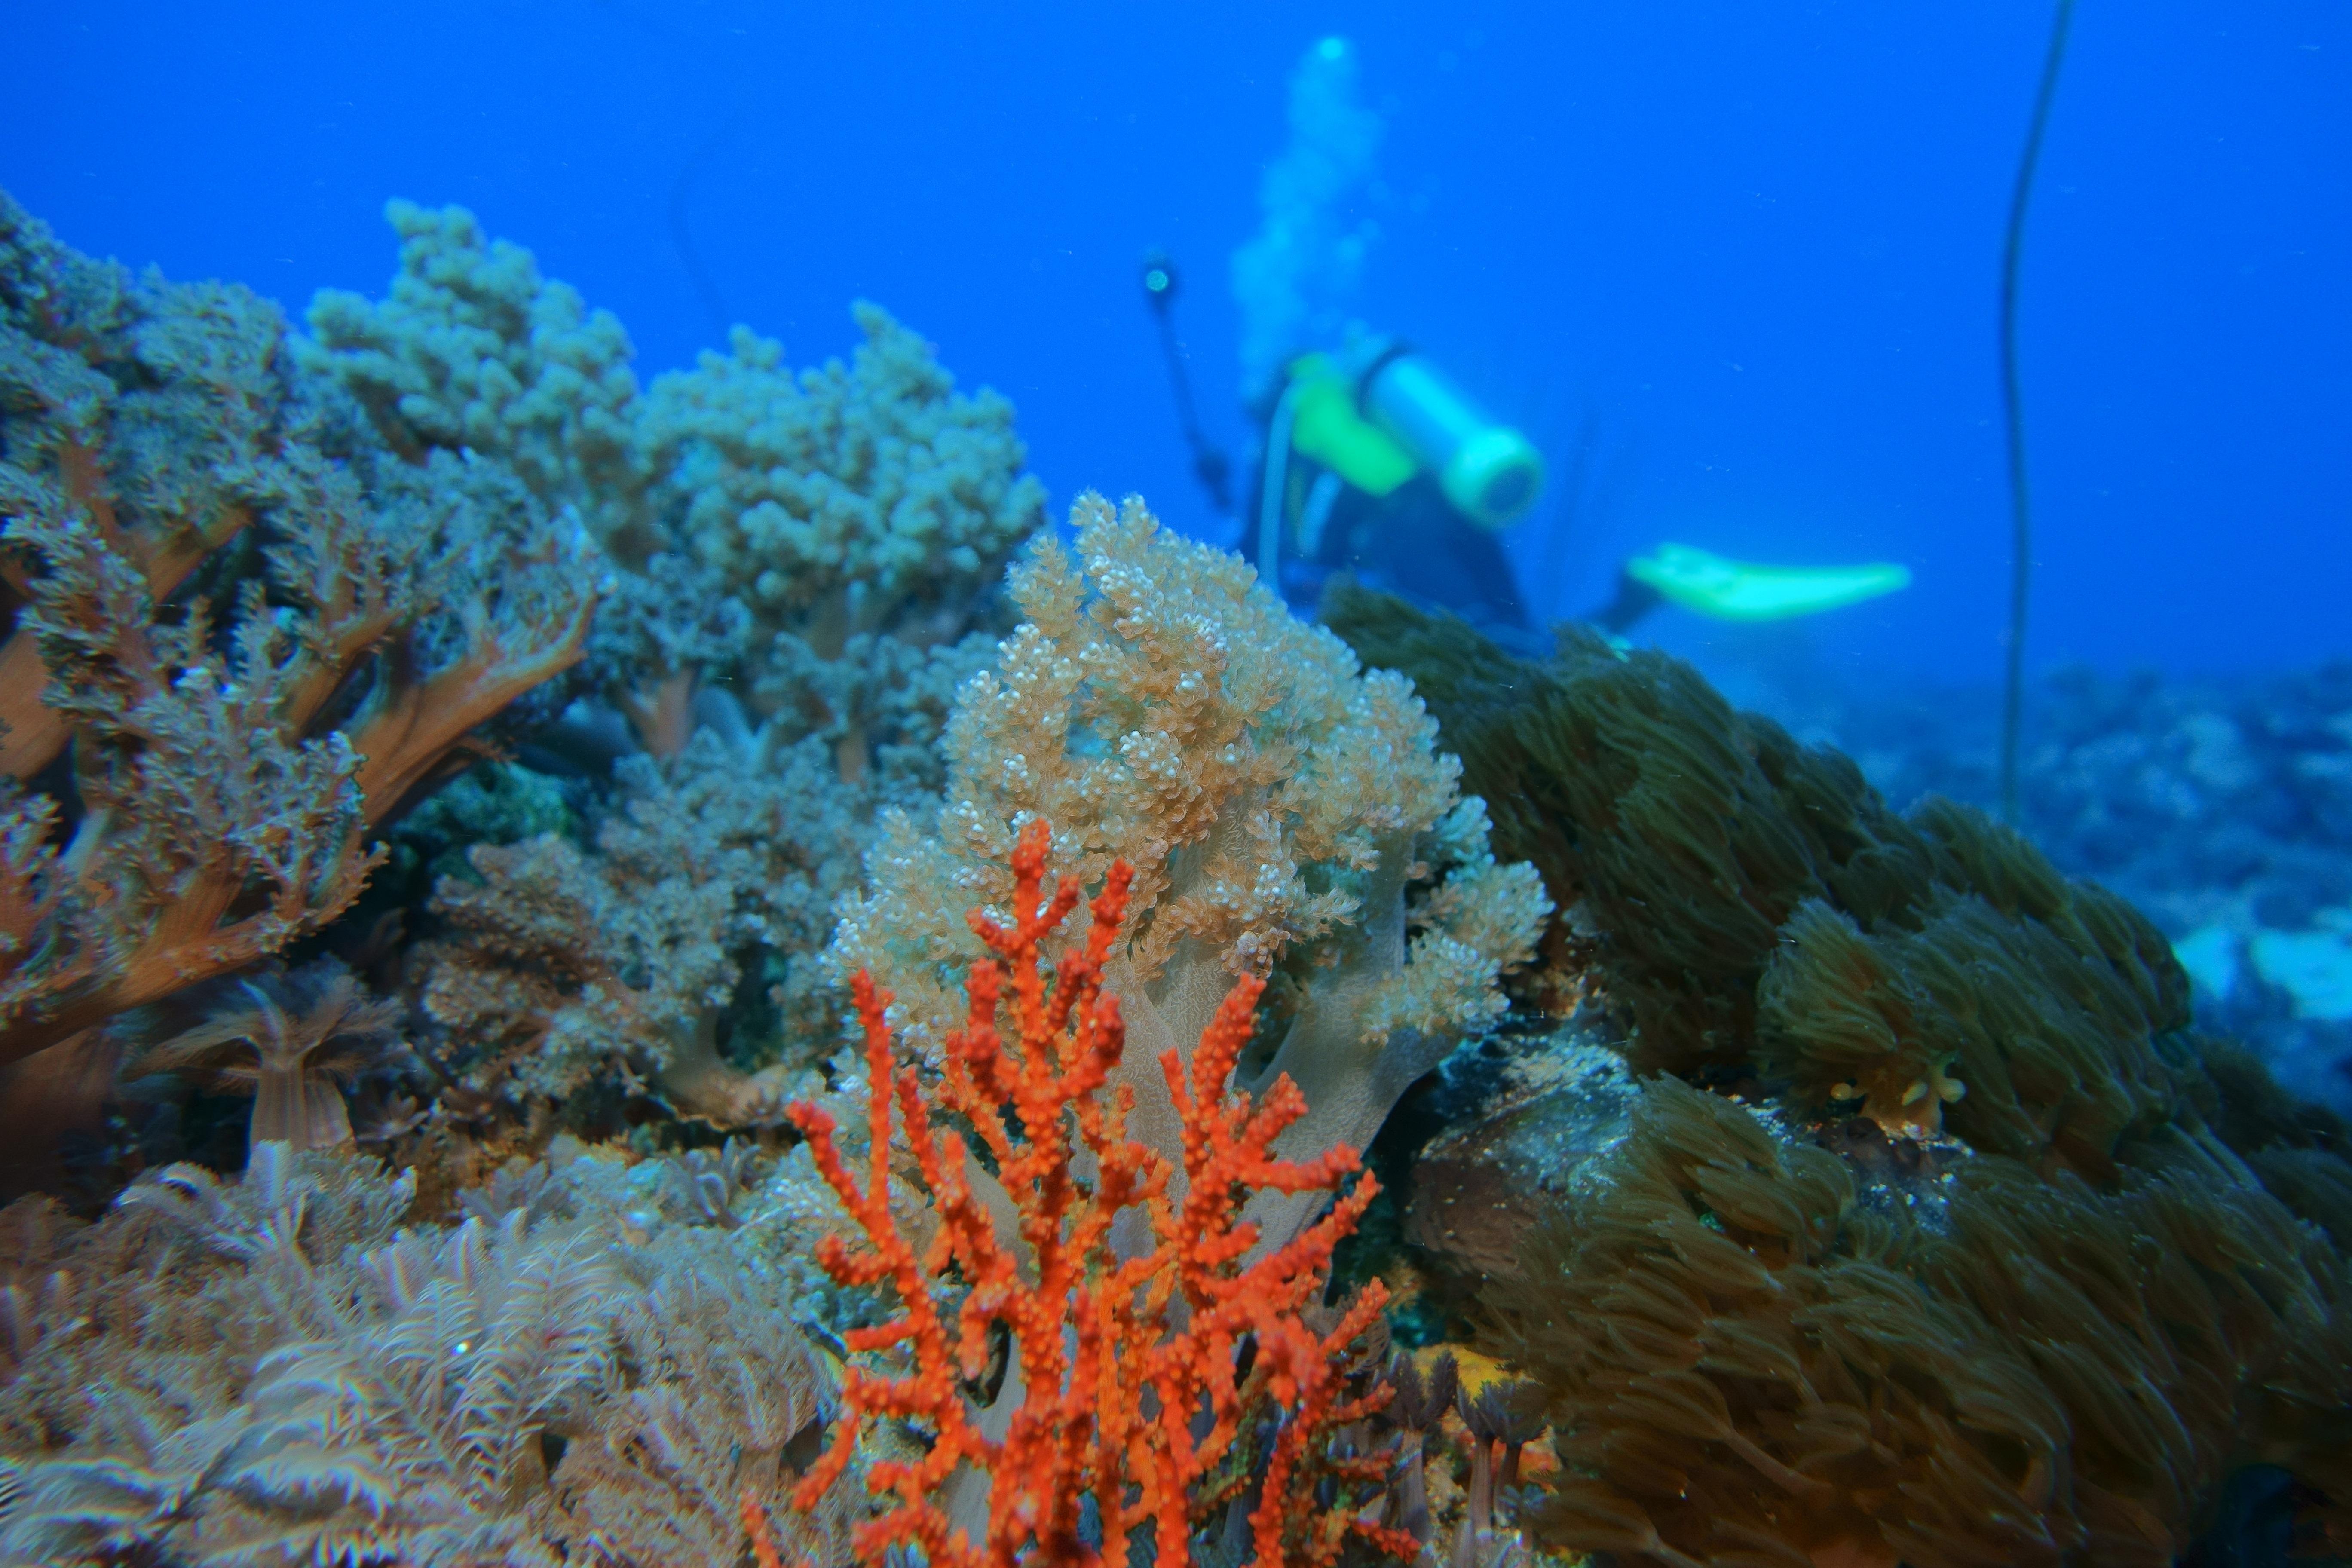 Gambar Laut Lautan Bawah Air Batu Karang Invertebrata Taiwan Habitat Terumbu Taitung Pulau Hijau Lingkungan Alami Biologi Kelautan Ikan Karang 5472x3648 739353 Galeri Foto Pxhere